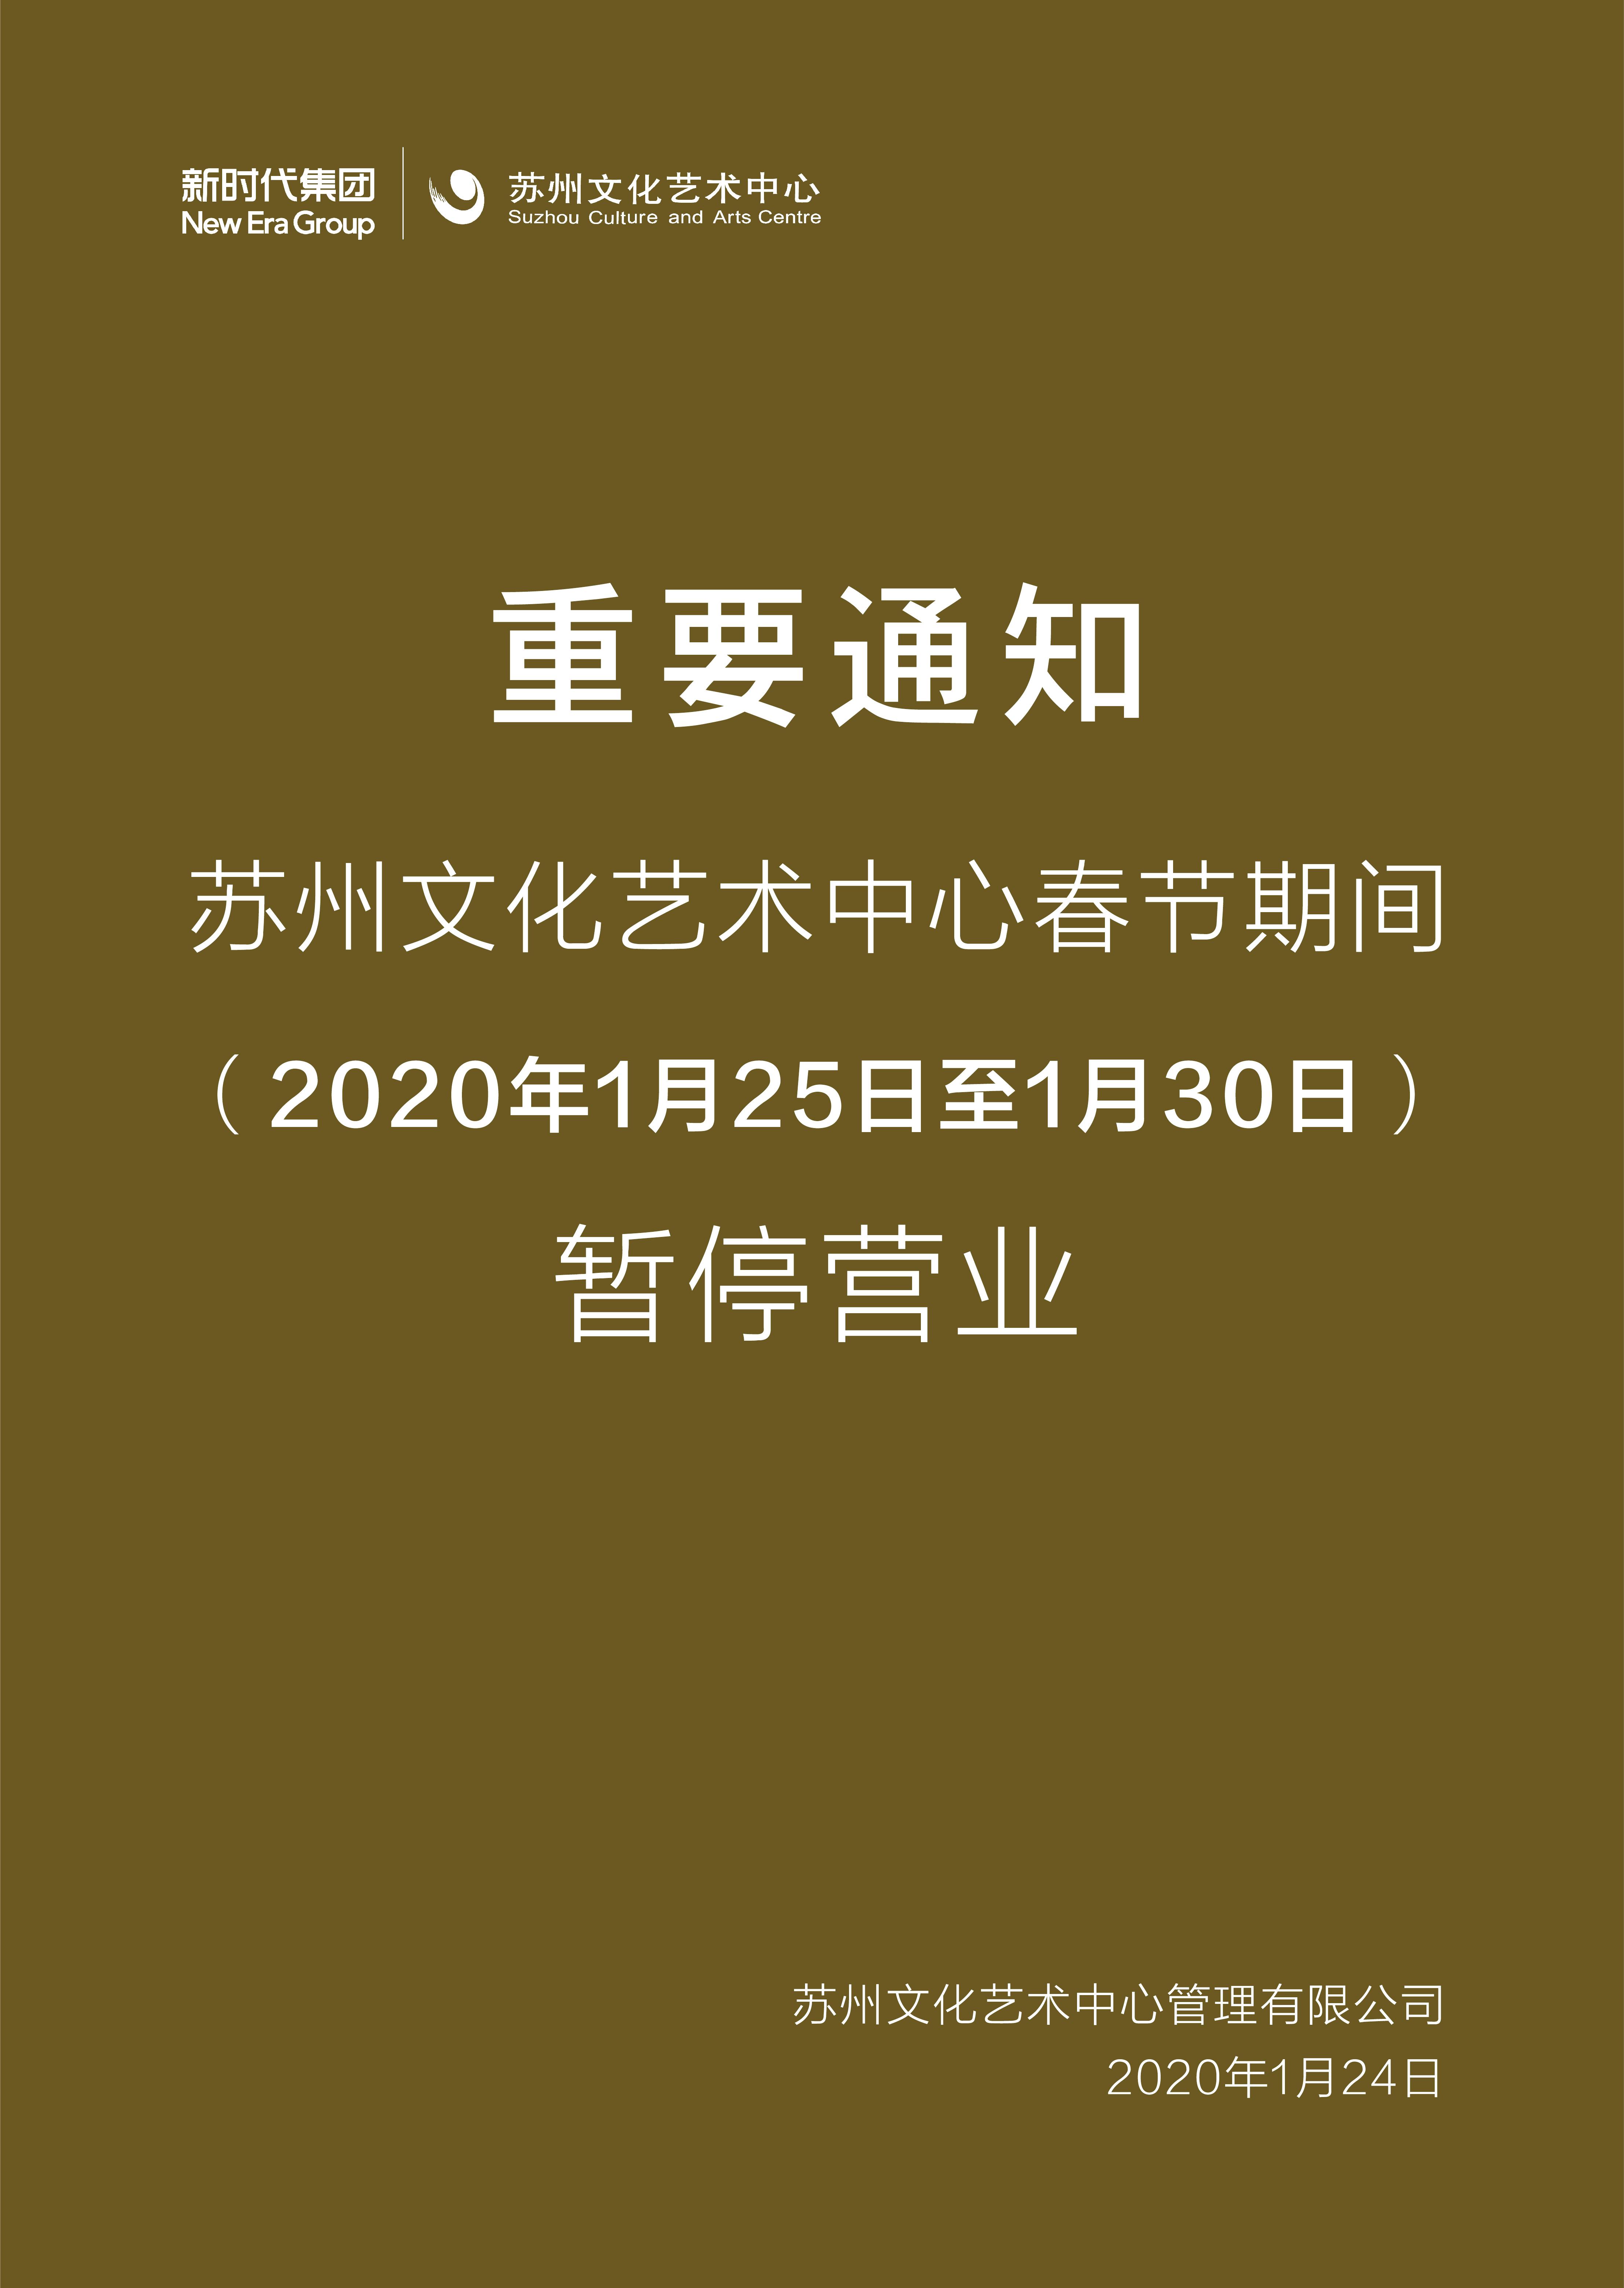 【苏艺新闻】重要通知!苏州文化艺术中心春节期间暂停营业